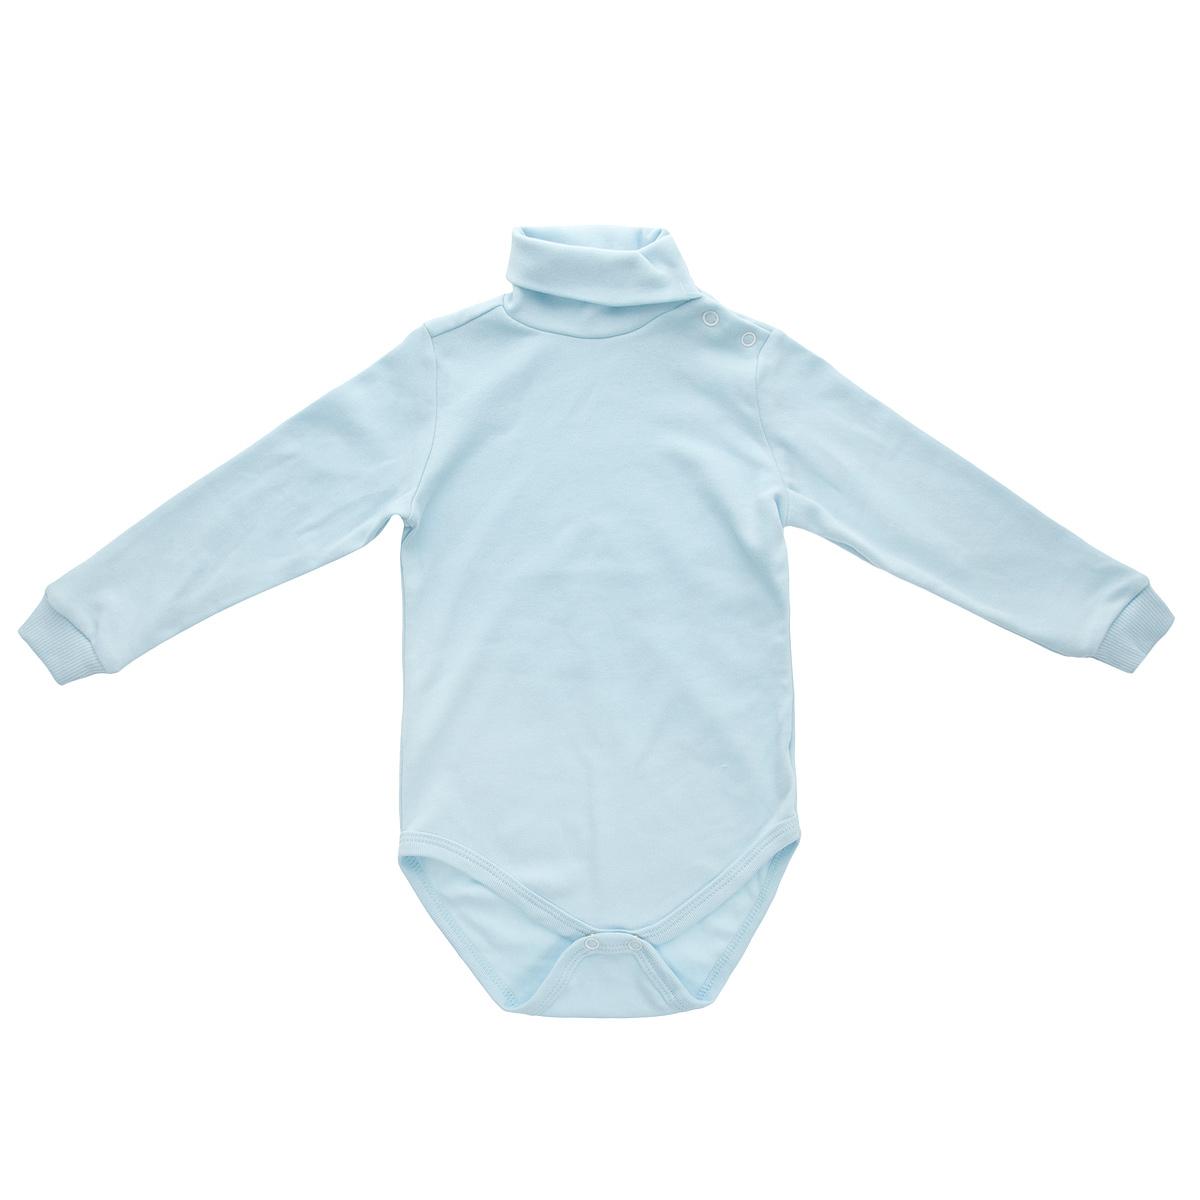 Боди детское. 37-32837-328Яркое боди Фреш Стайл идеально подойдет вашему ребенку в теплое или прохладное время года. Изготовленное из эластичного хлопка, оно необычайно мягкое и приятное на ощупь, не сковывает движения ребенка и позволяет коже дышать, не раздражает даже самую нежную и чувствительную кожу, обеспечивая ему наибольший комфорт. Боди с длинными рукавами и воротником-стойкой застегивается на удобные застежки-кнопки на воротнике, по плечу и ластовице, которые помогают легко переодеть младенца или сменить подгузник. Края рукавов дополнены широкими эластичными манжетами, не сжимающими запястья ребенка. Оригинальный современный дизайн и модная расцветка делают это боди модным и стильным предметом детского гардероба. В нем ваш ребенок будет чувствовать себя уютно и комфортно и всегда будет в центре внимания!